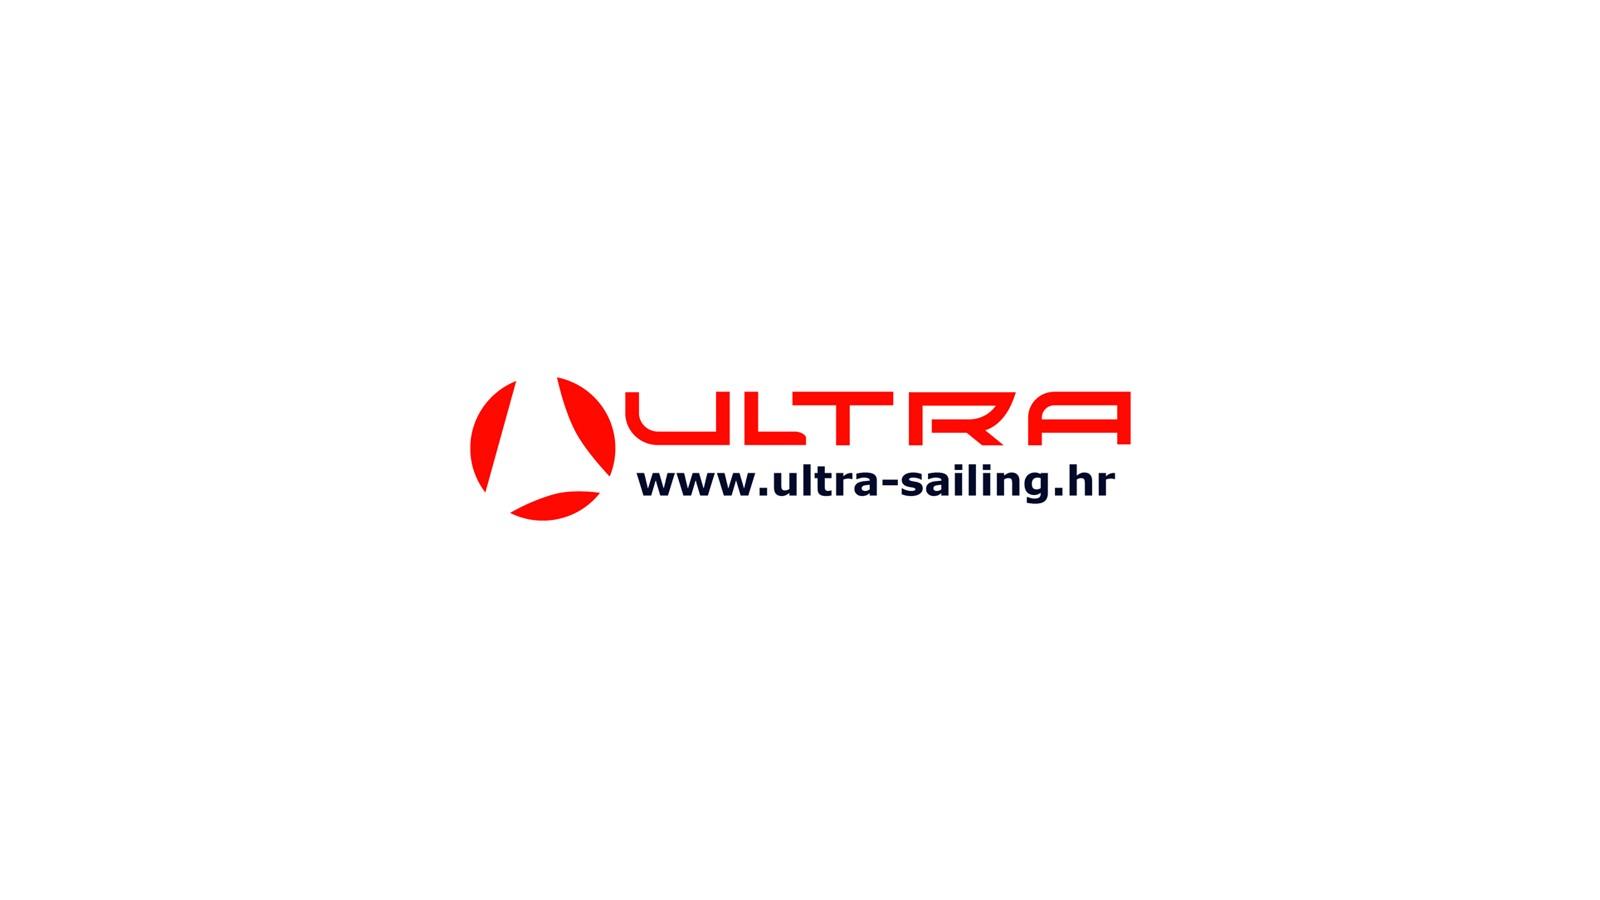 Trogir Marina Baotic (Ultra Sailing)